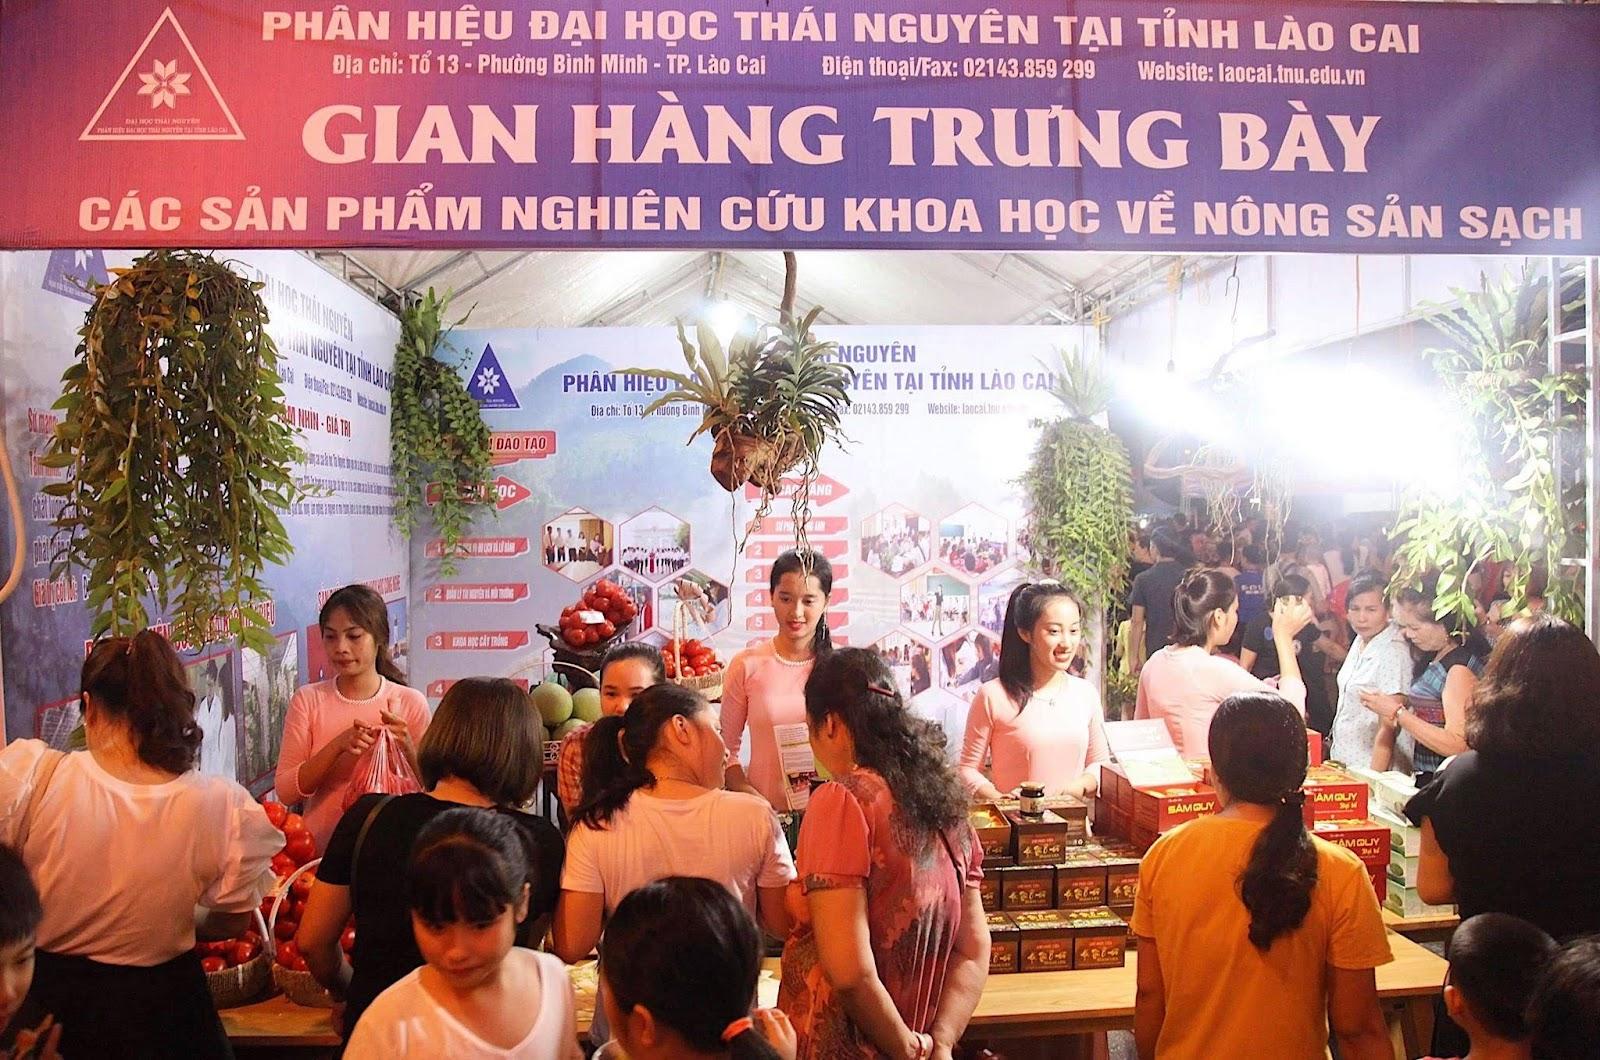 """Phân hiệu Đại học Thái Nguyên tại tỉnh Lào Cai  tham dự trưng bày sản phẩm NCKH tại """"Ngày hội trái cây  và nông sản an toàn Lào Cai 2019"""""""